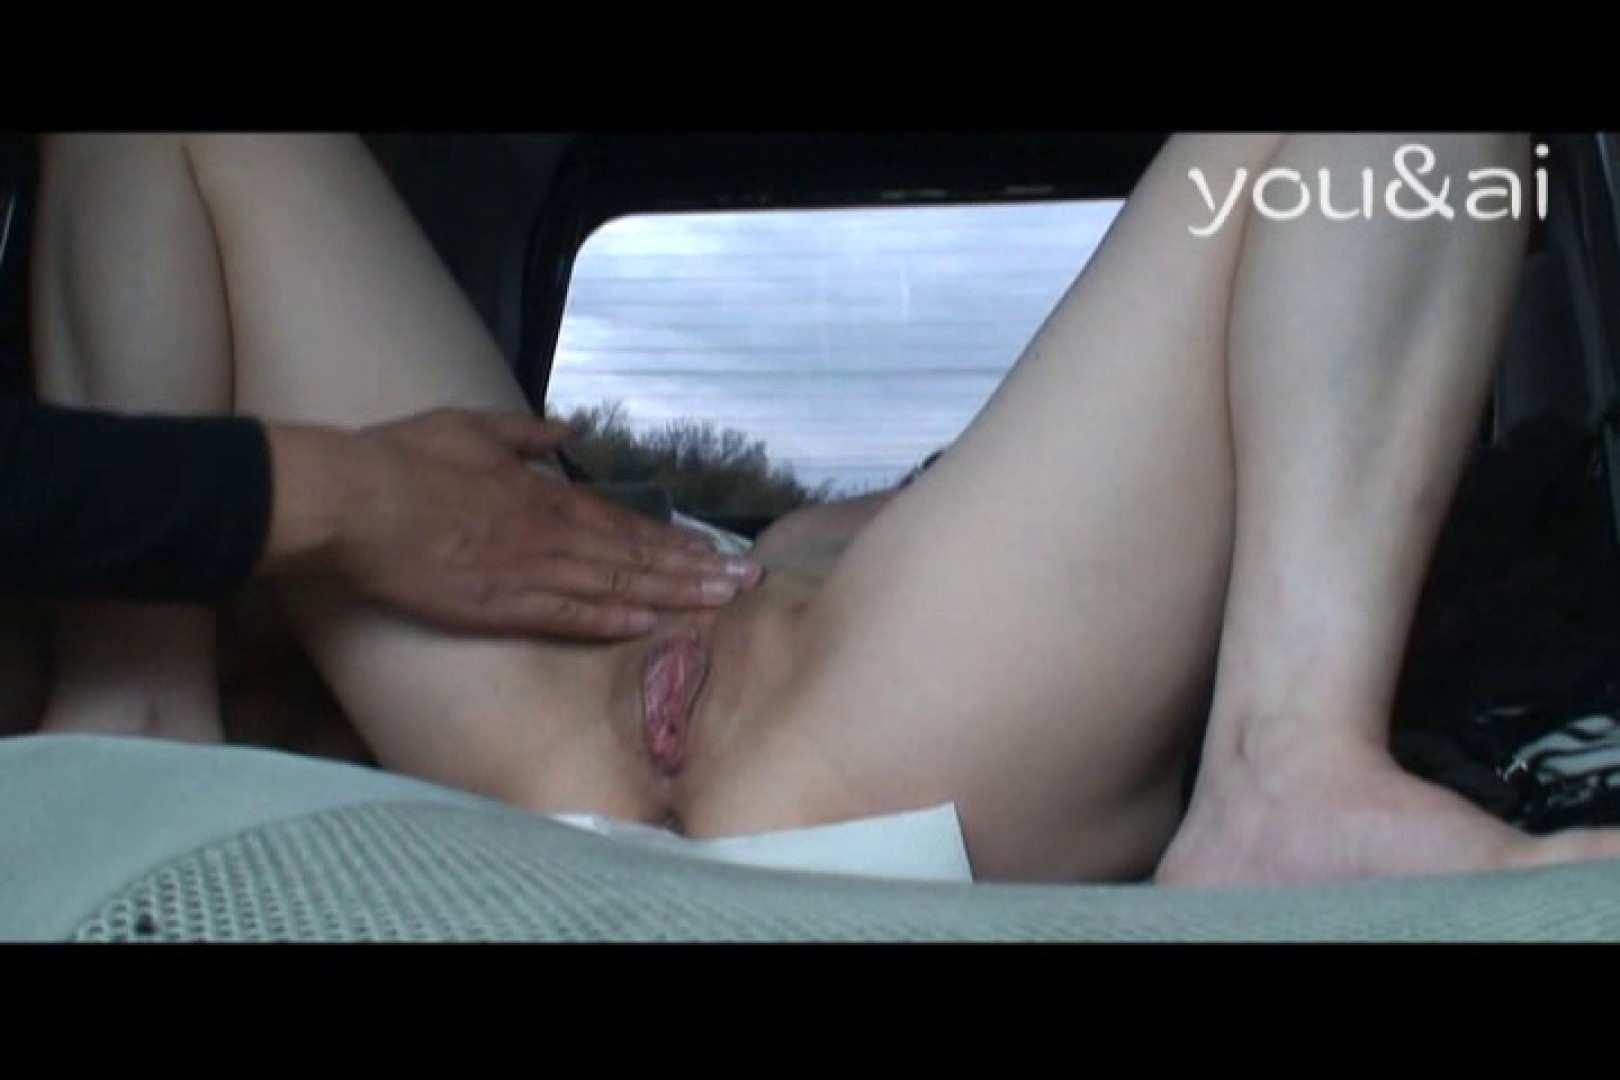 おしどり夫婦のyou&aiさん投稿作品vol.14 一般投稿  94連発 15